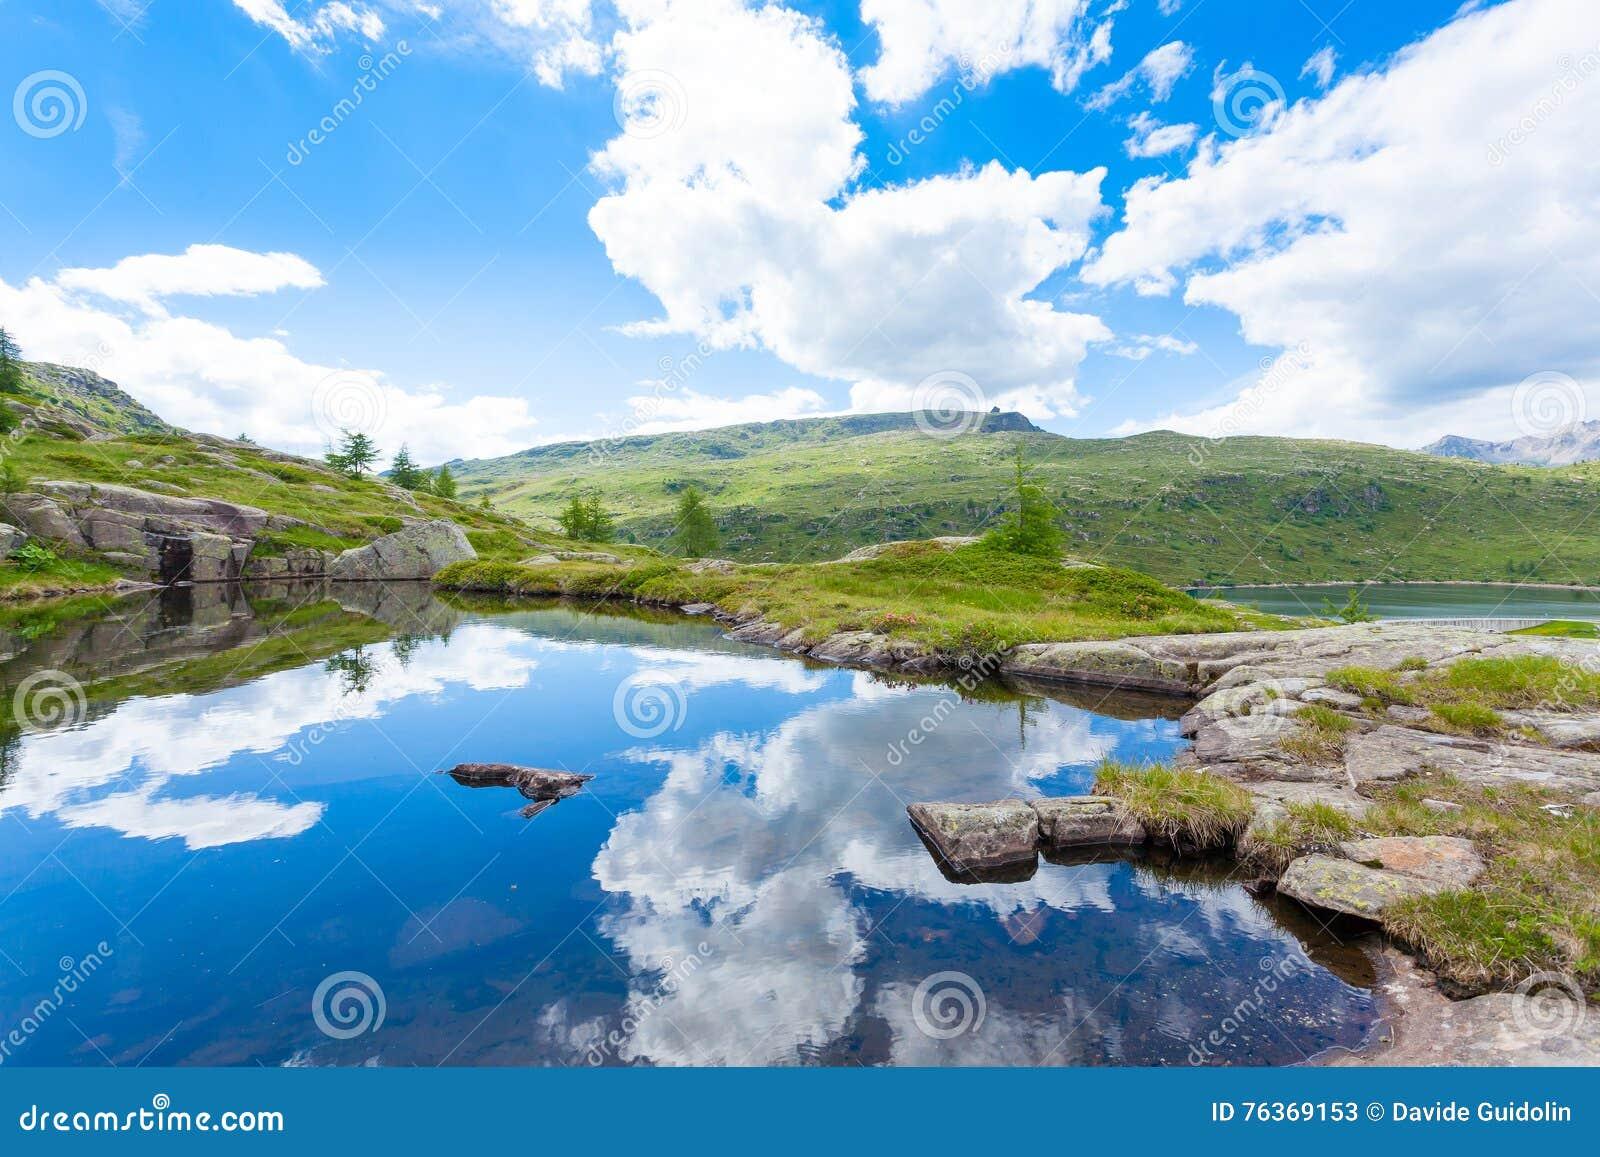 El panorama italiano de la montaña, nubes reflejó en el lago alpino